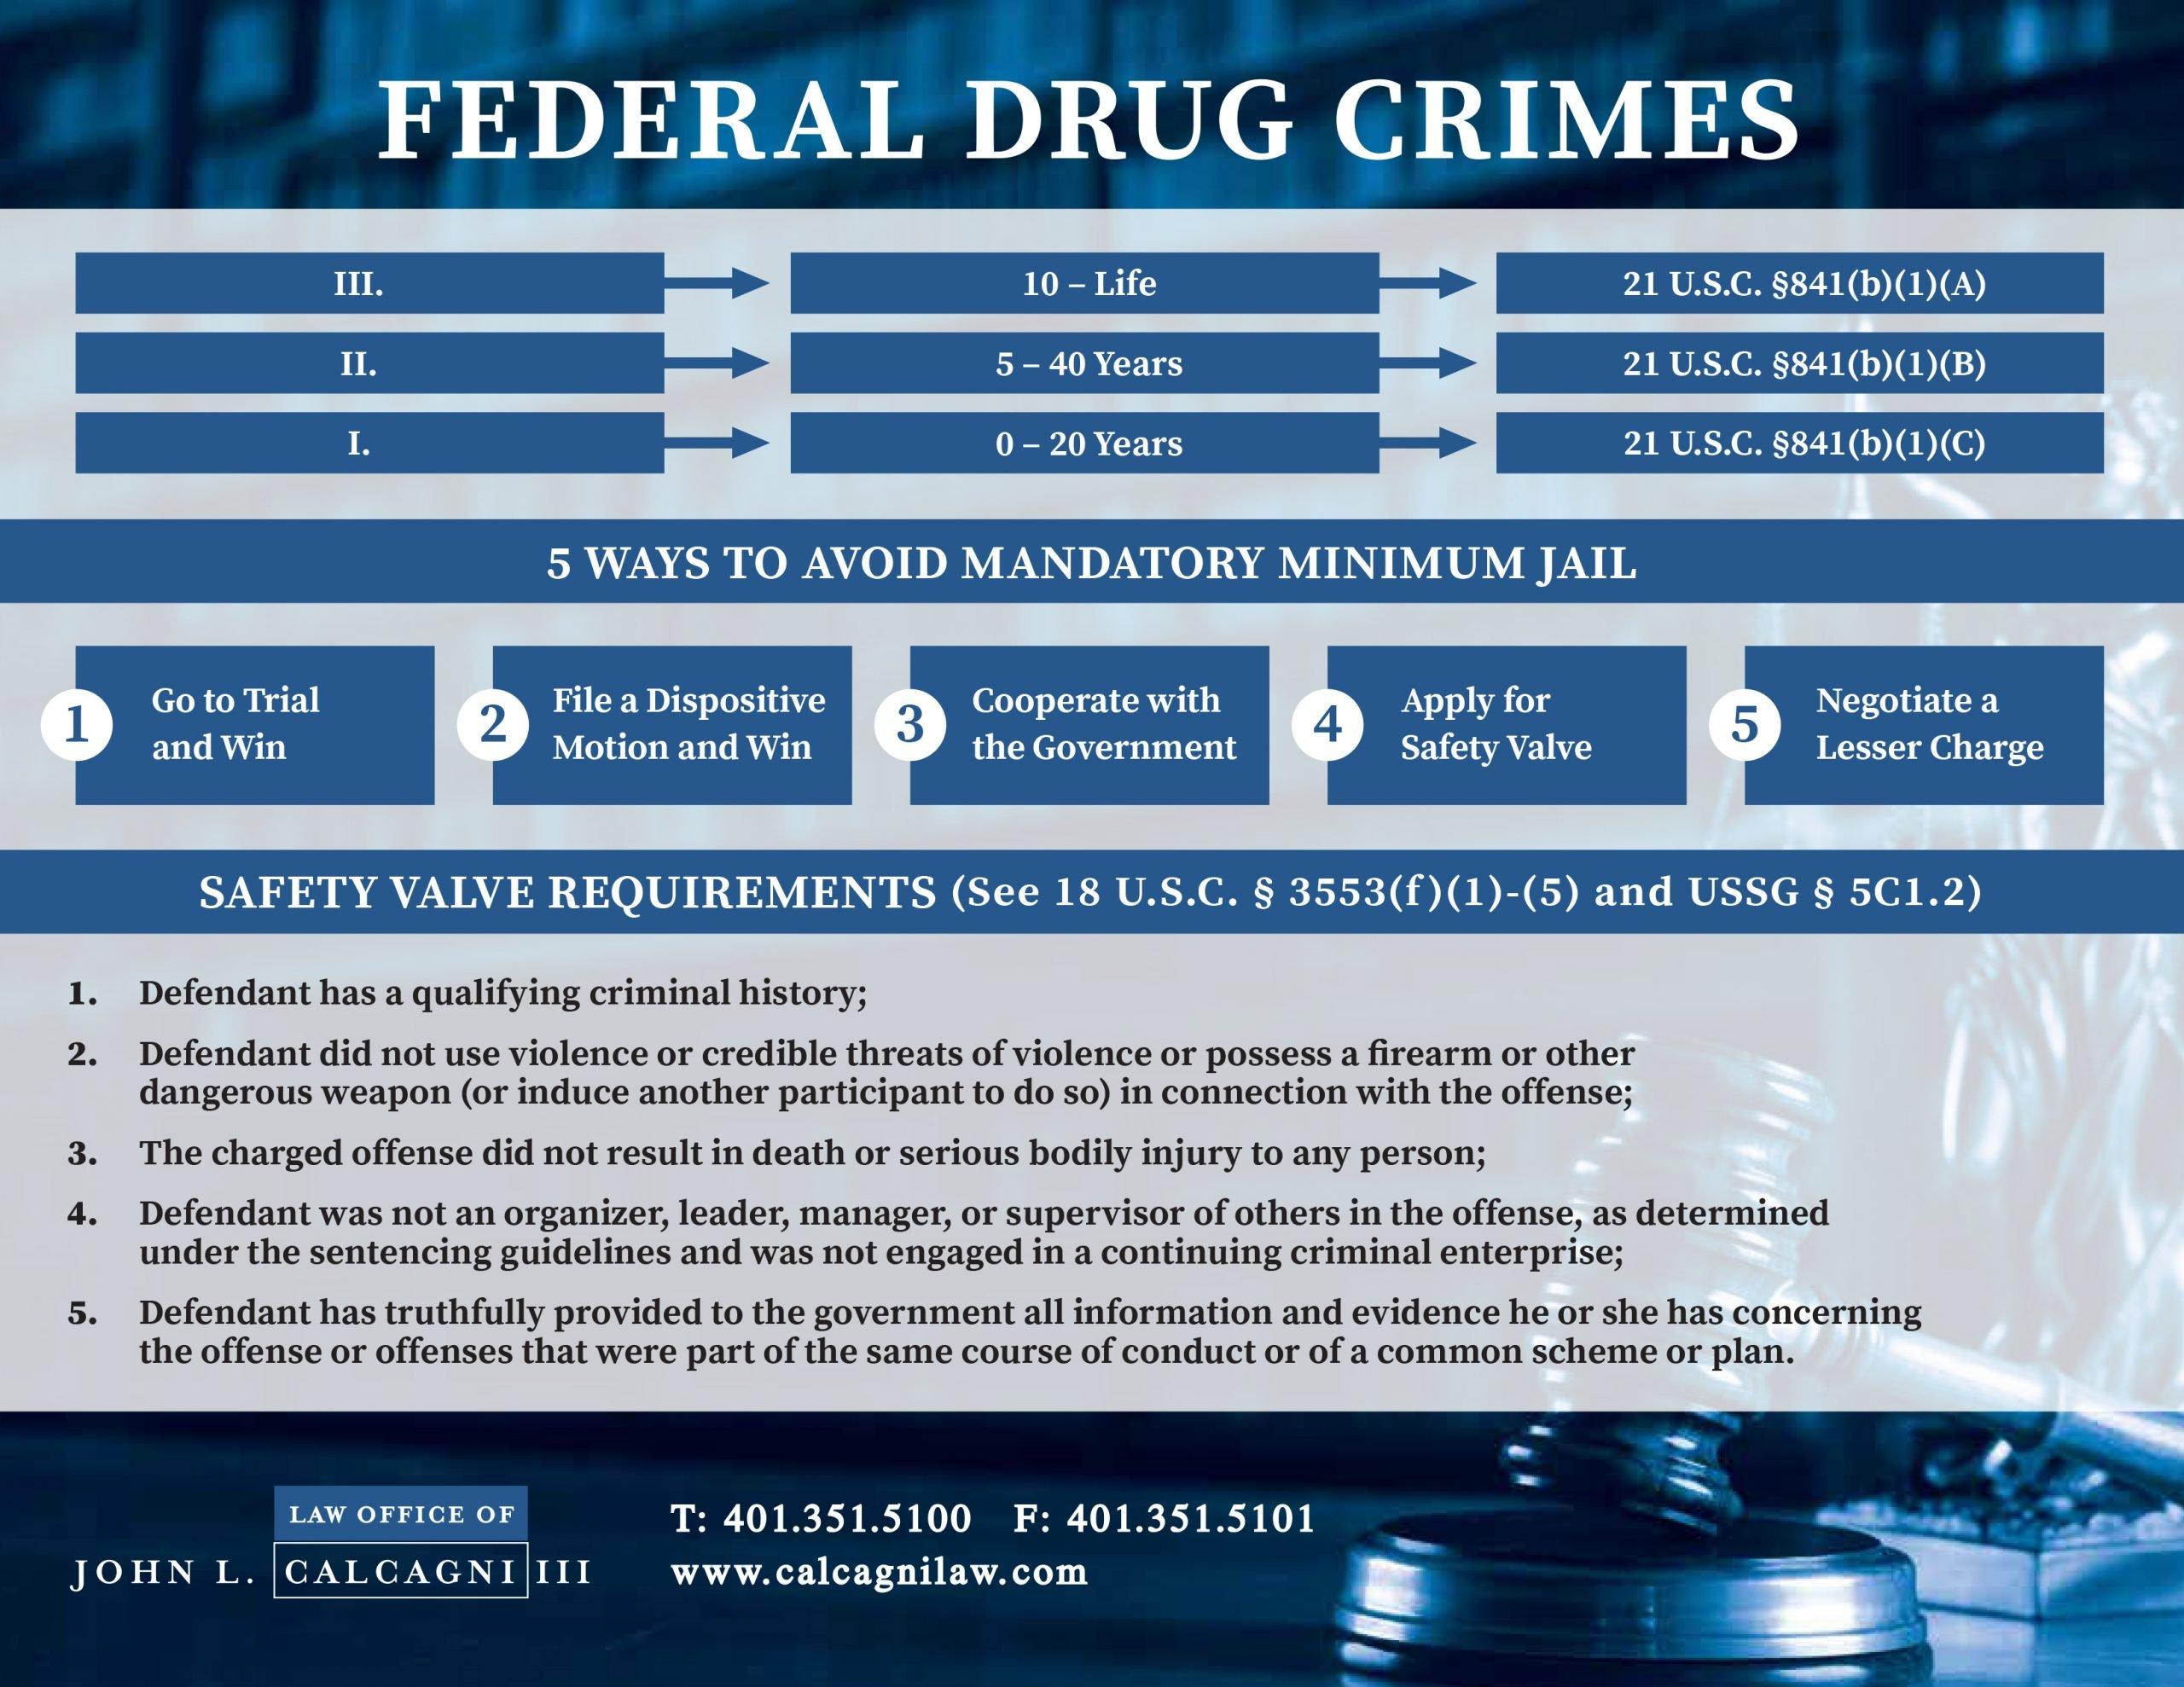 Federal Drug Crime Timeline